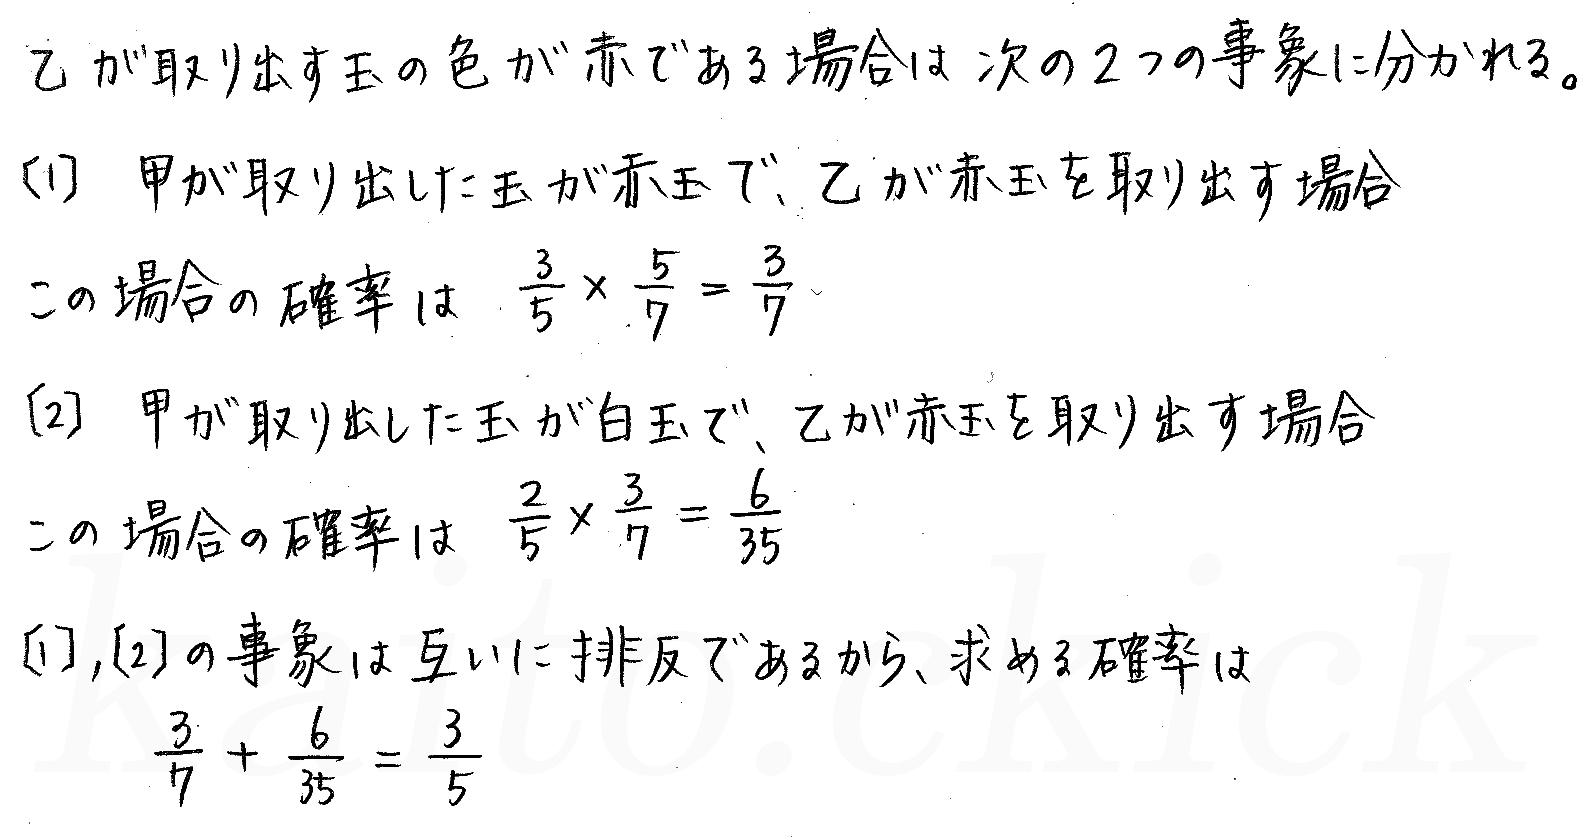 クリアー数学A-121解答